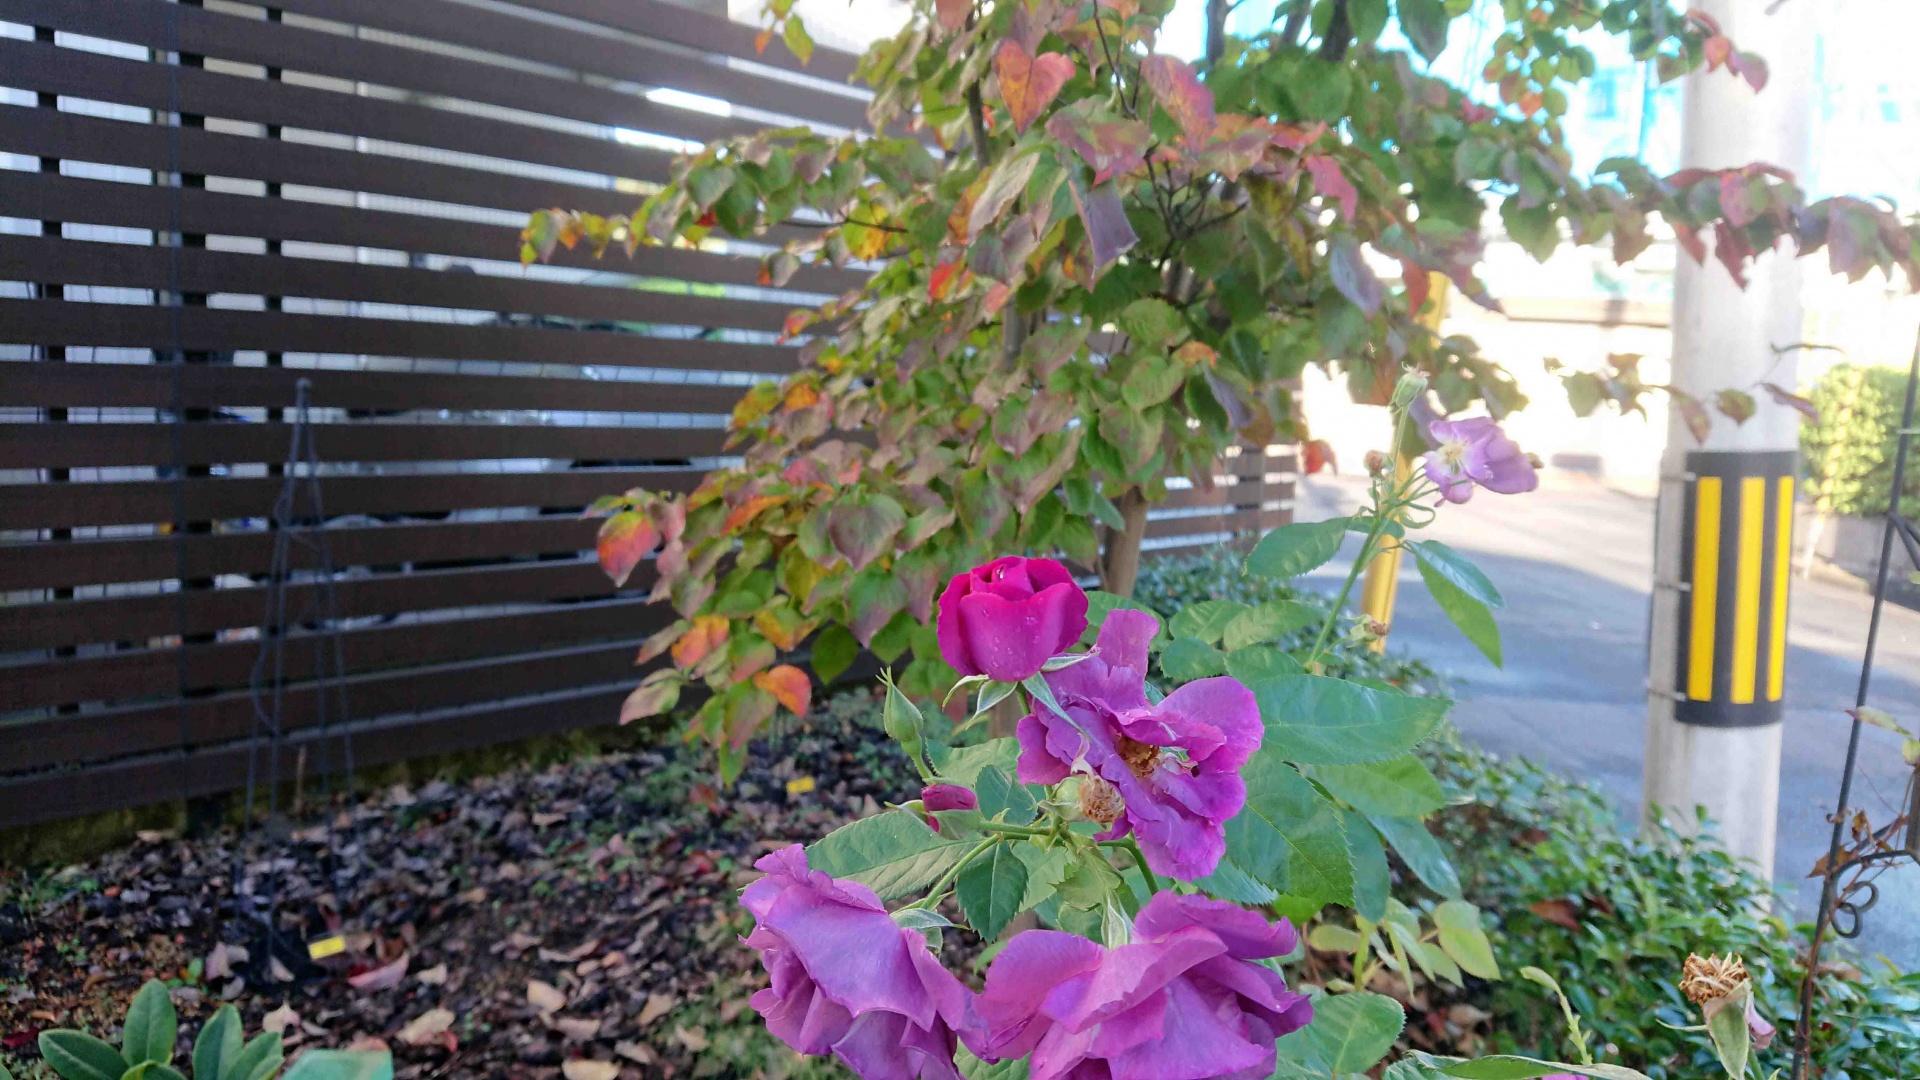 S. ラプソディーインブルーとヤマボウシの紅葉,2019年10月26日